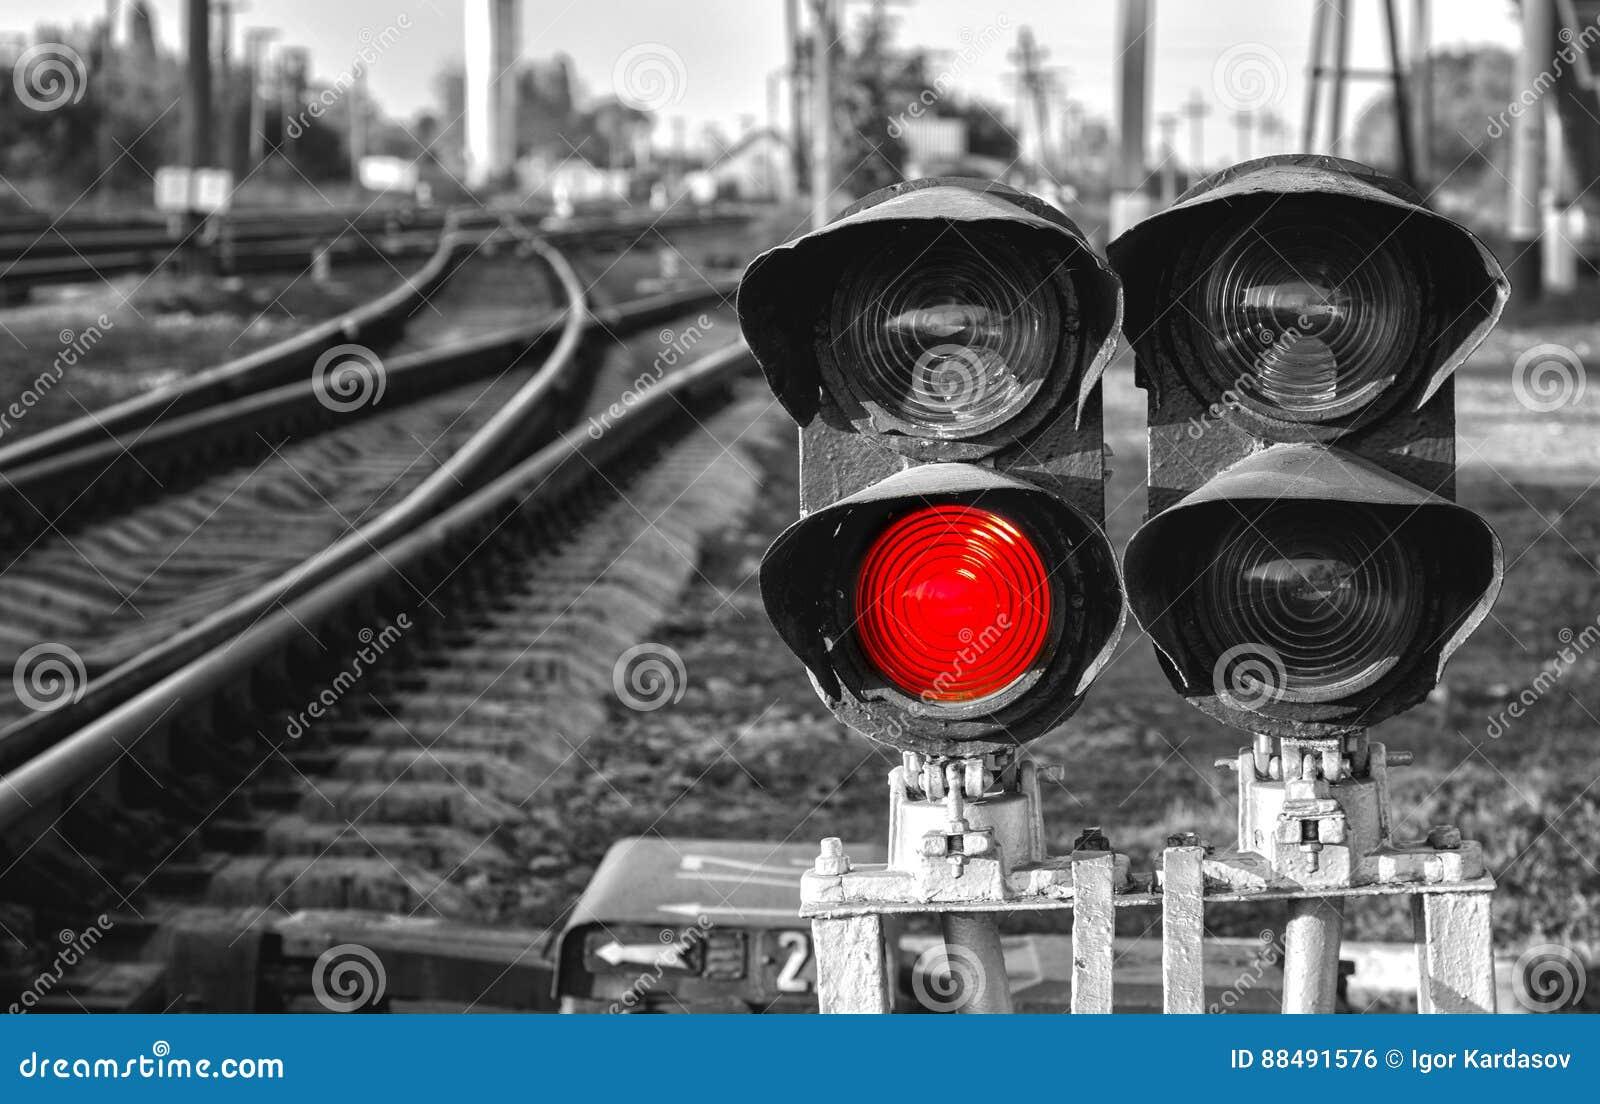 Светофор Дорожный знак Дорога, светофор, CDR, текст, монохромный ... | 914x1300